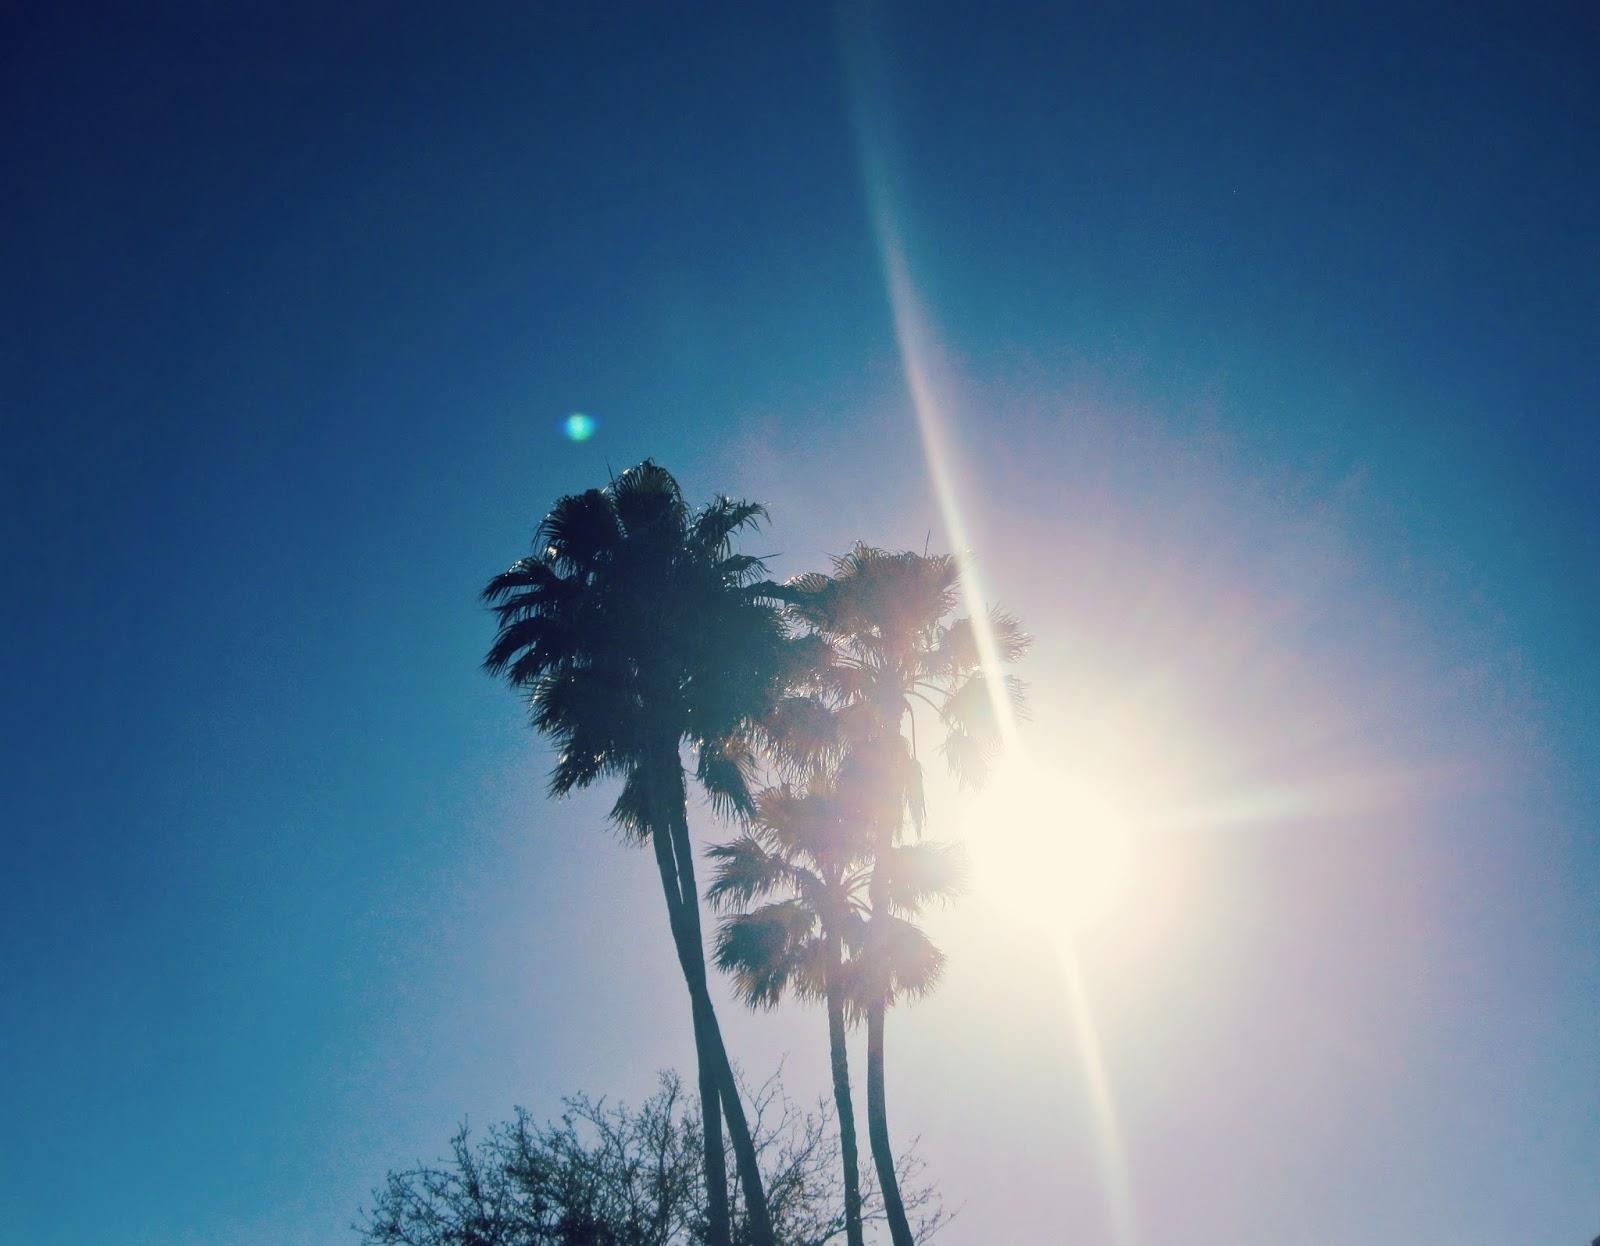 Spring Break In Florida, lens flare, florida, spring break 2014